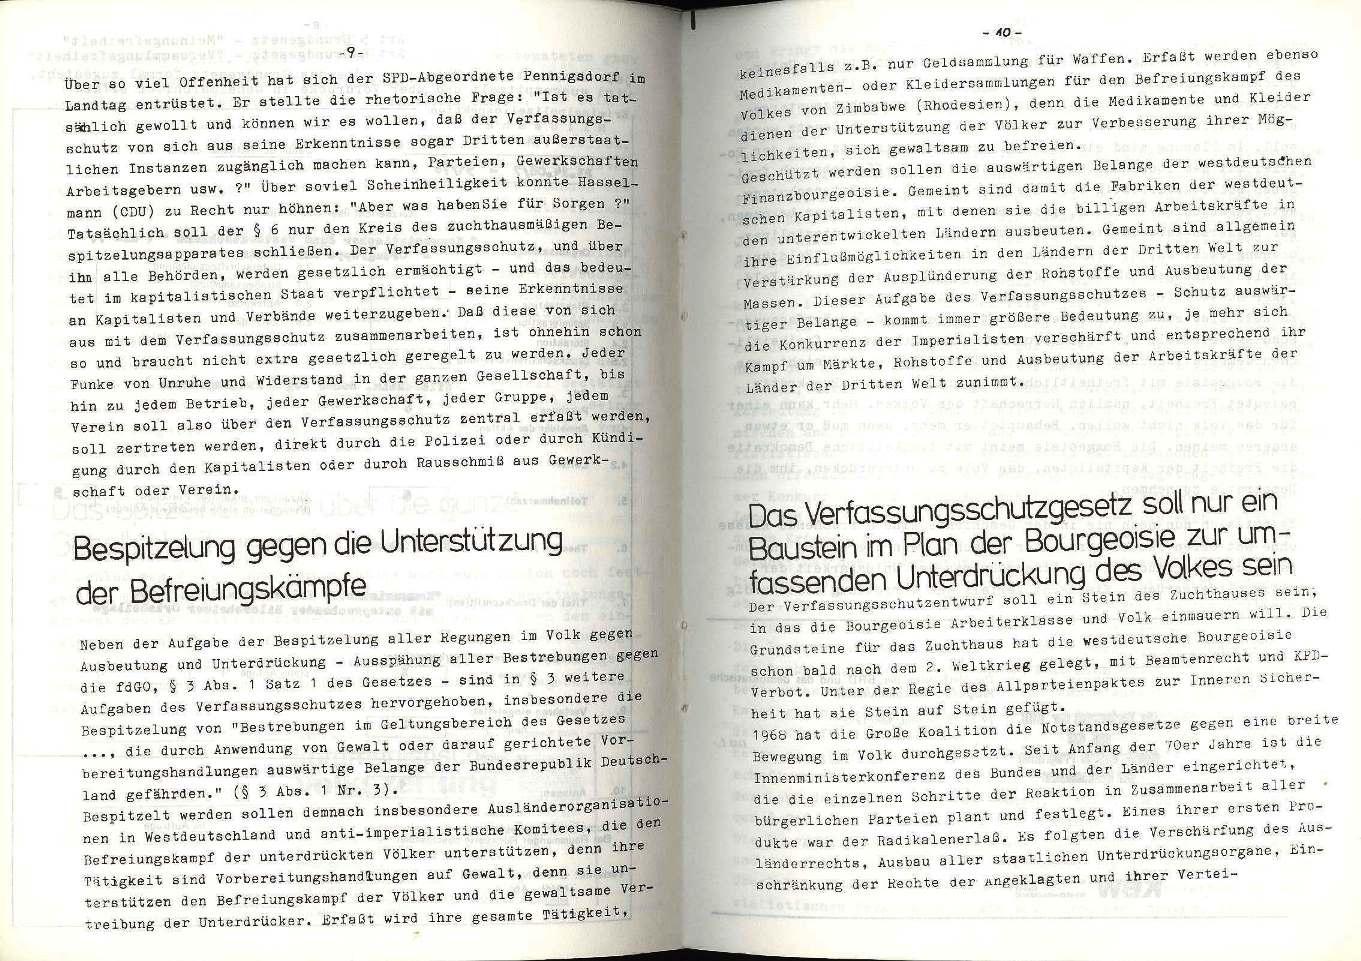 Hannover_Verfassungsschutzgesetz017